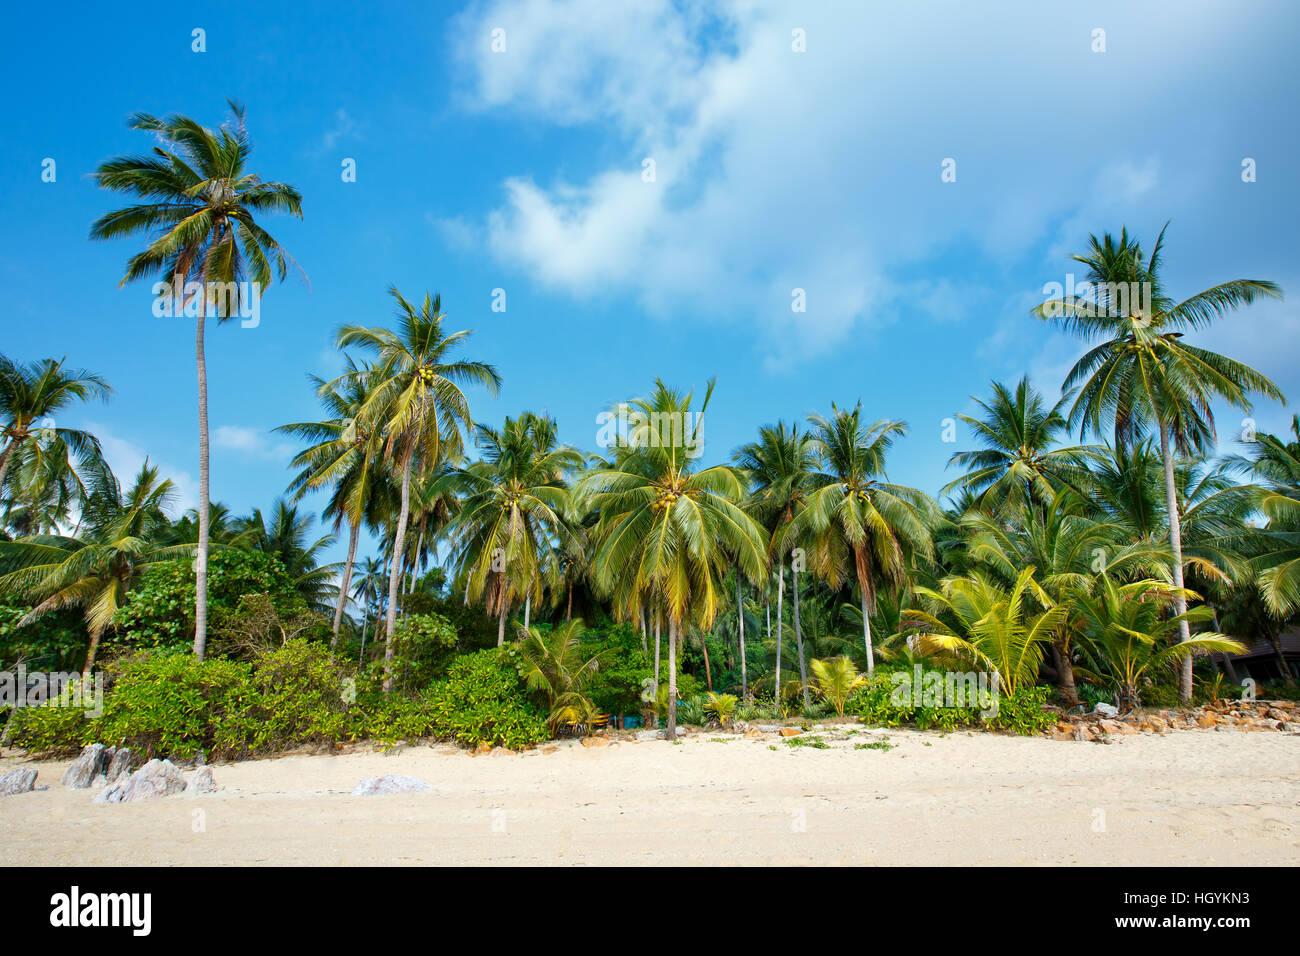 Plage tropicale et de cocotiers à Koh Samui, Thaïlande Photo Stock